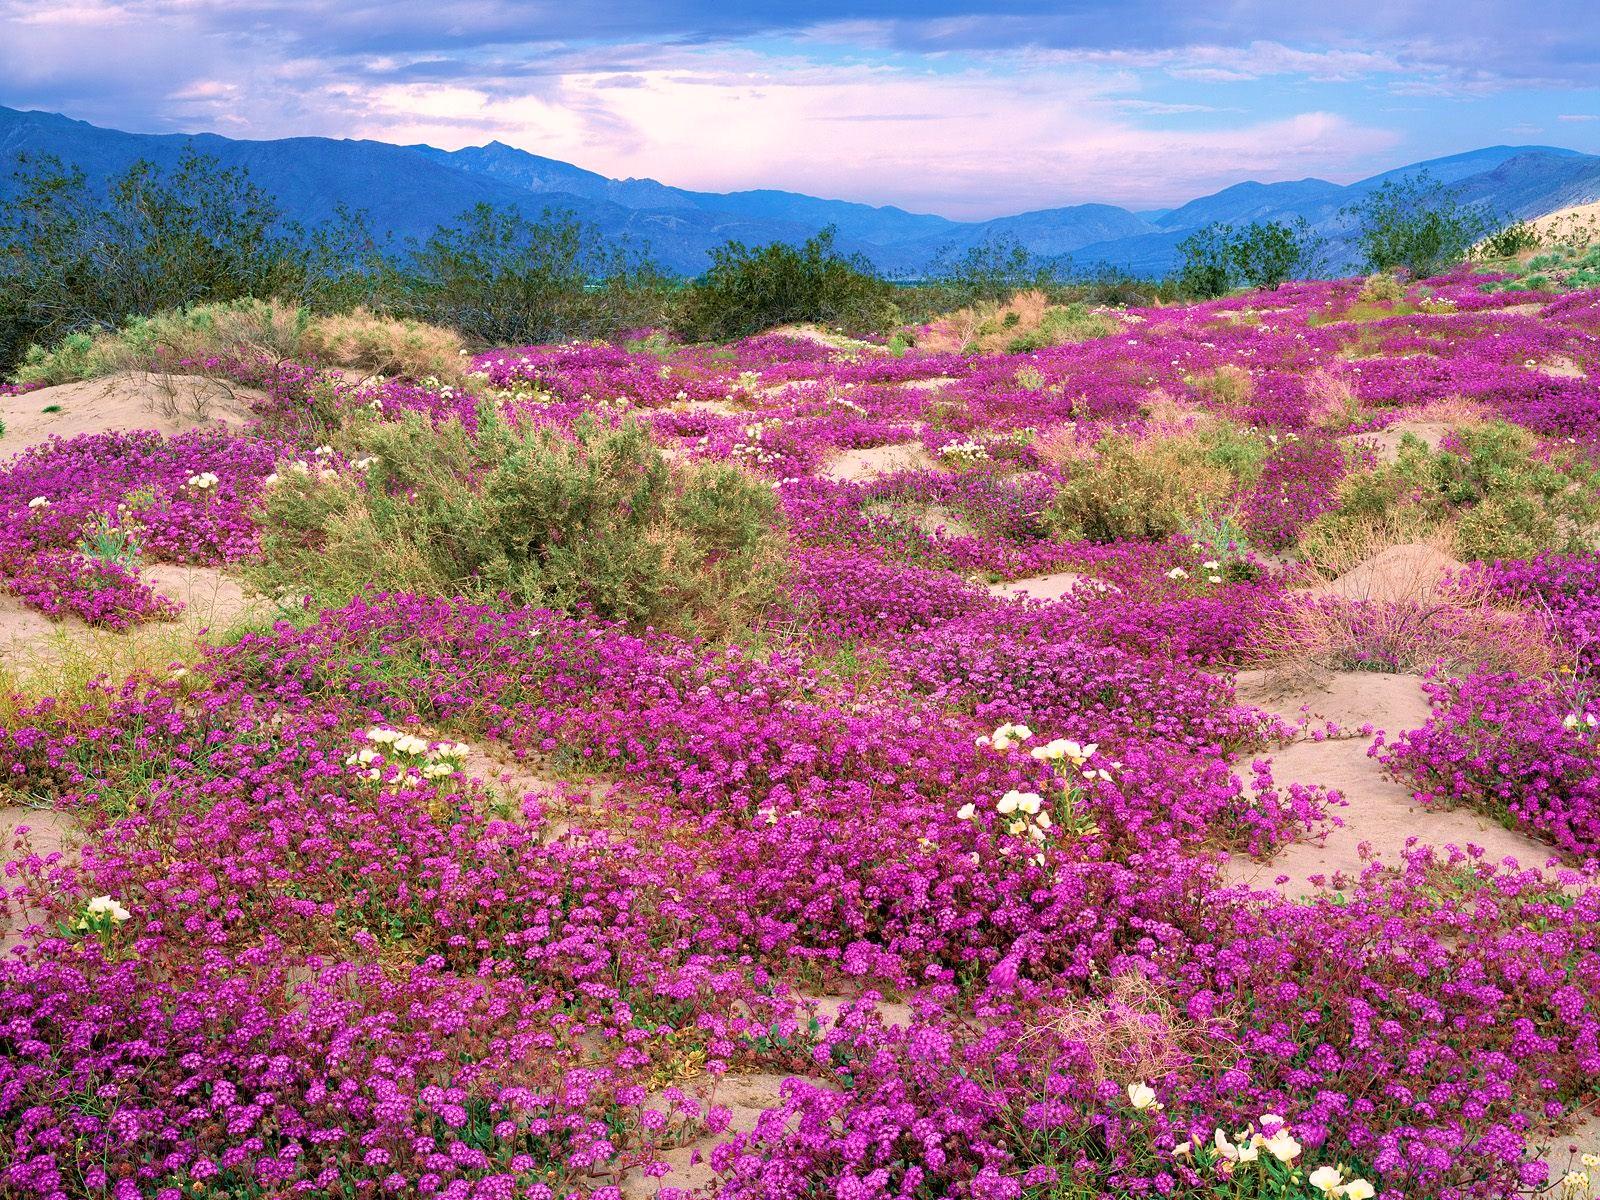 Рослини в пустелі фото 18 фотография